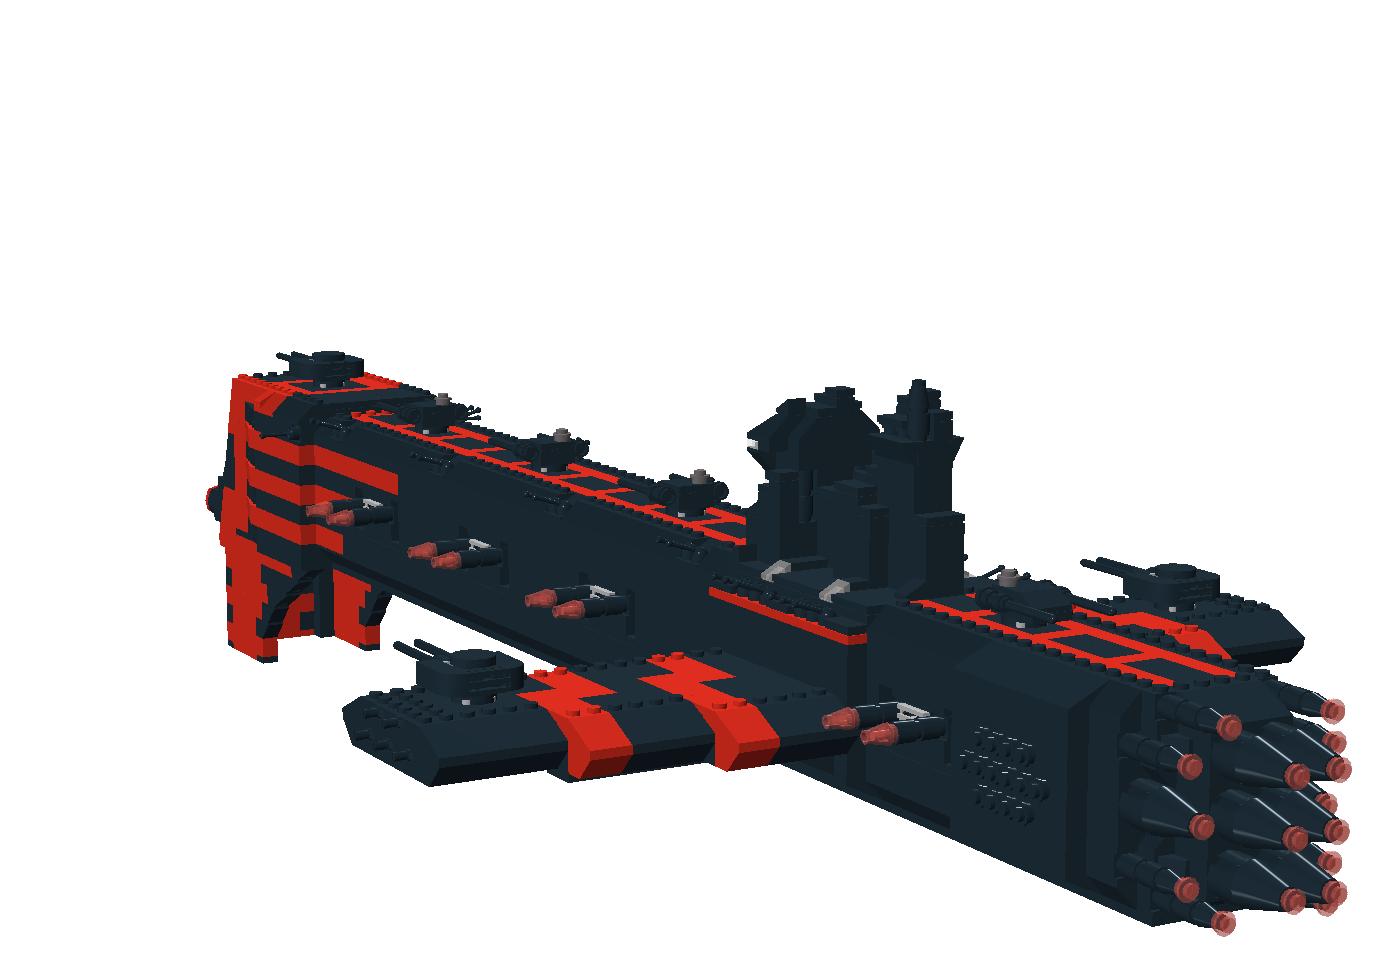 ship wallpaper 4k